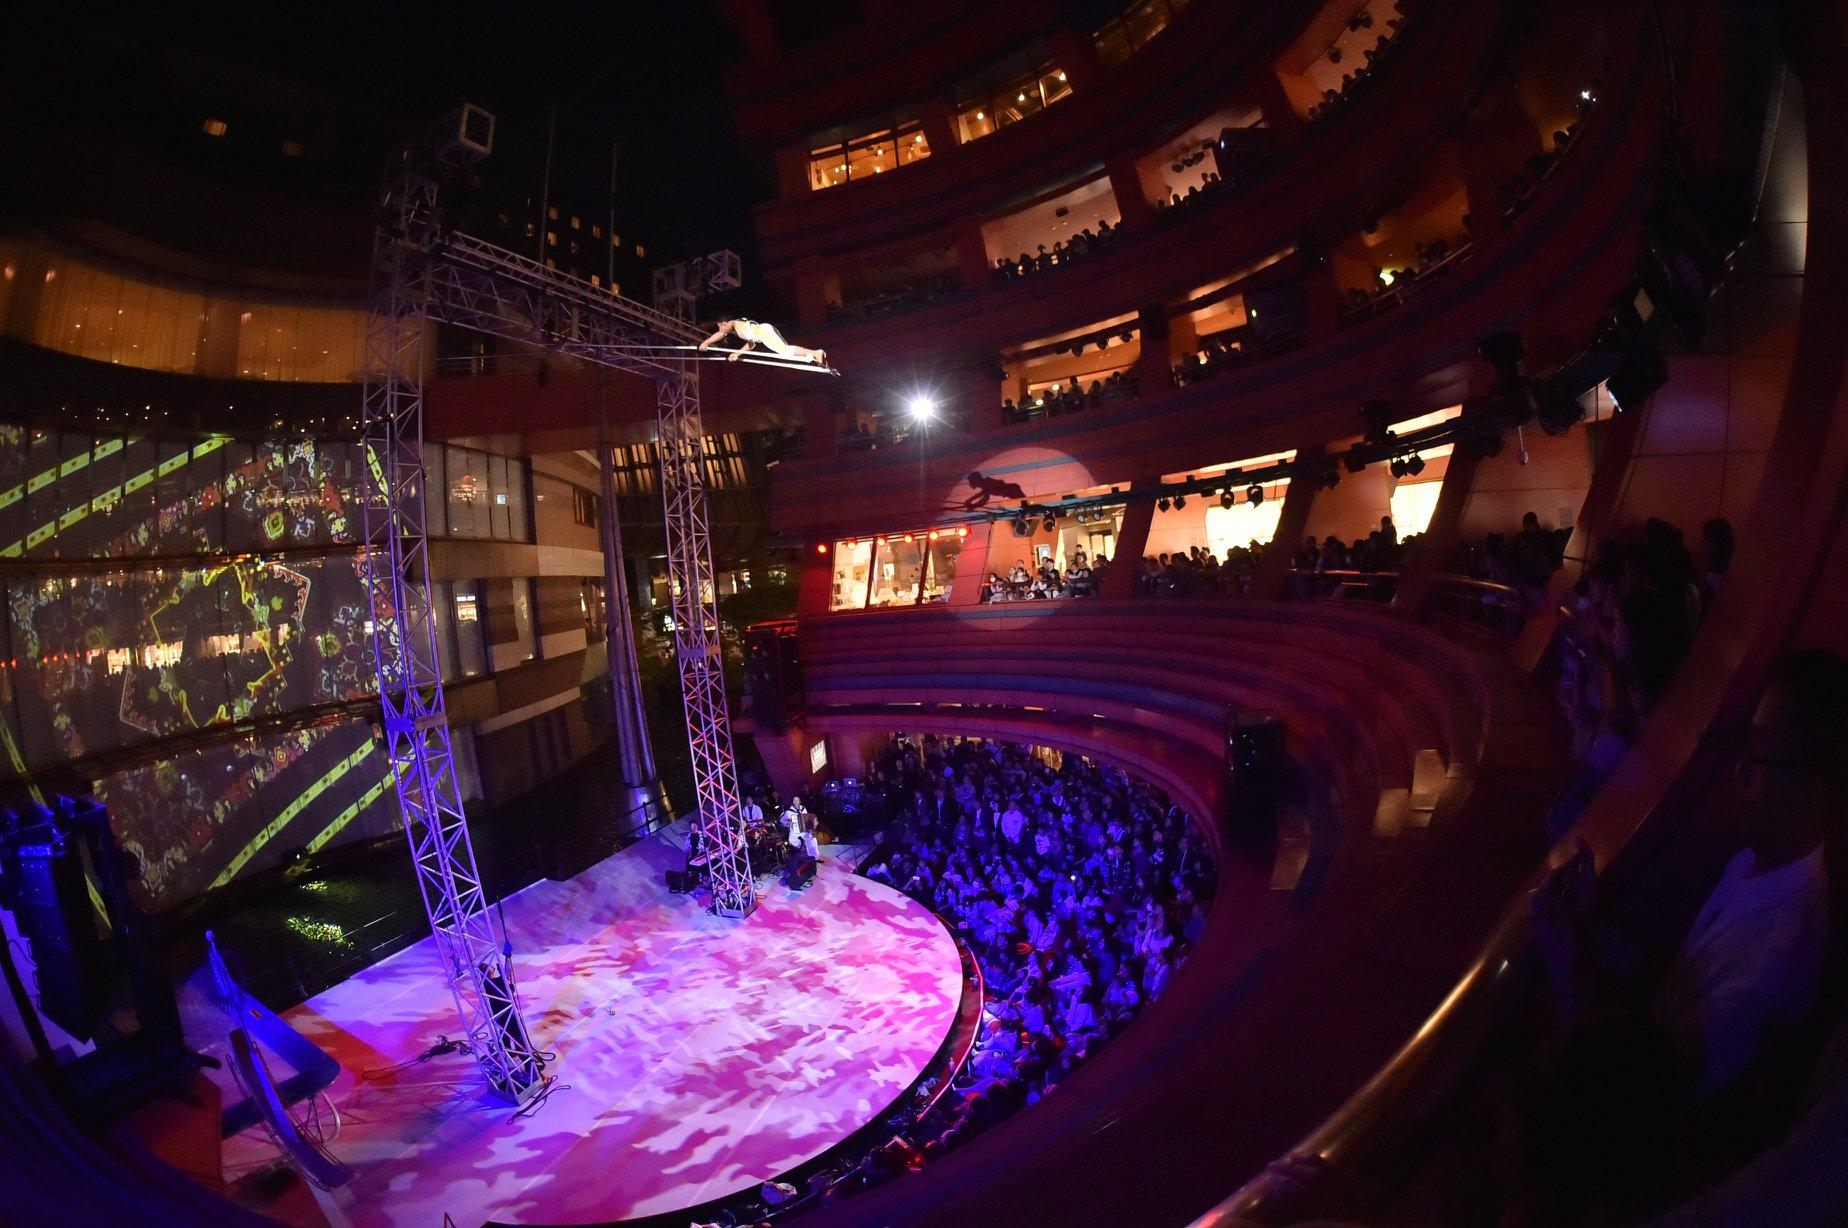 キャナルサーカス<br> Canal Circus